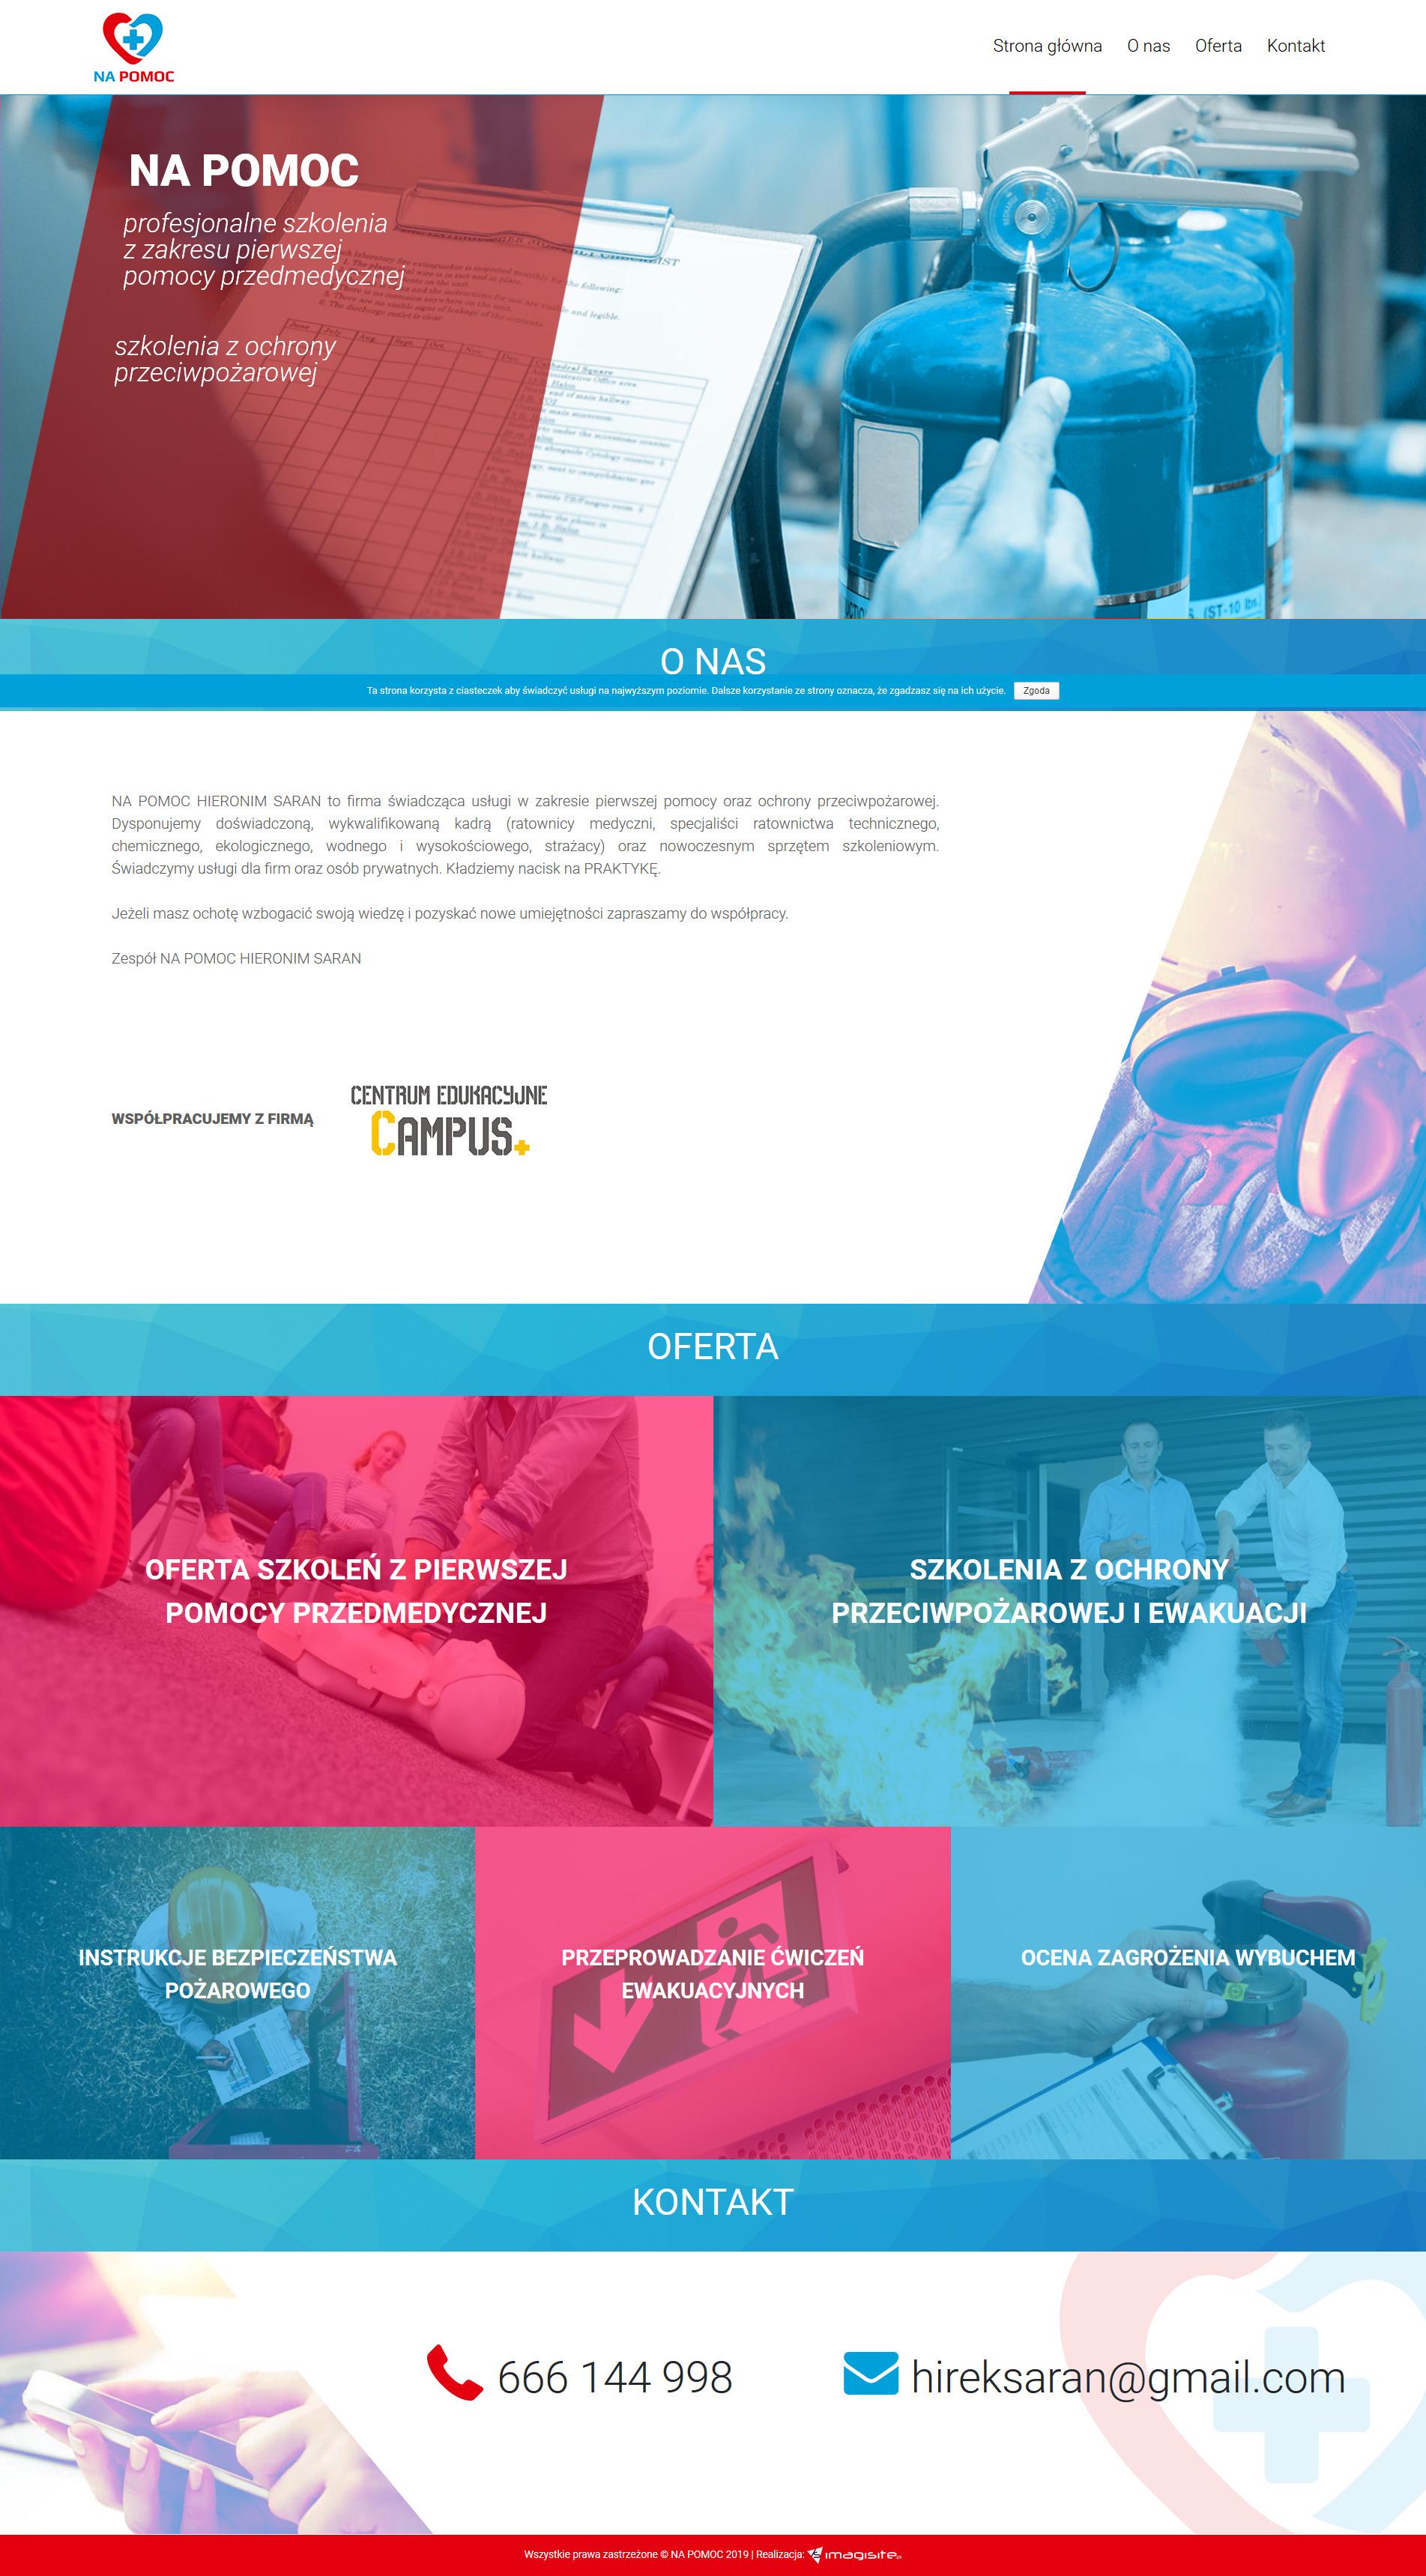 portfolio/037/088937/Screenshot_2019-05-21 Strona główna - NaPomoc - Hieronim Saran.jpg